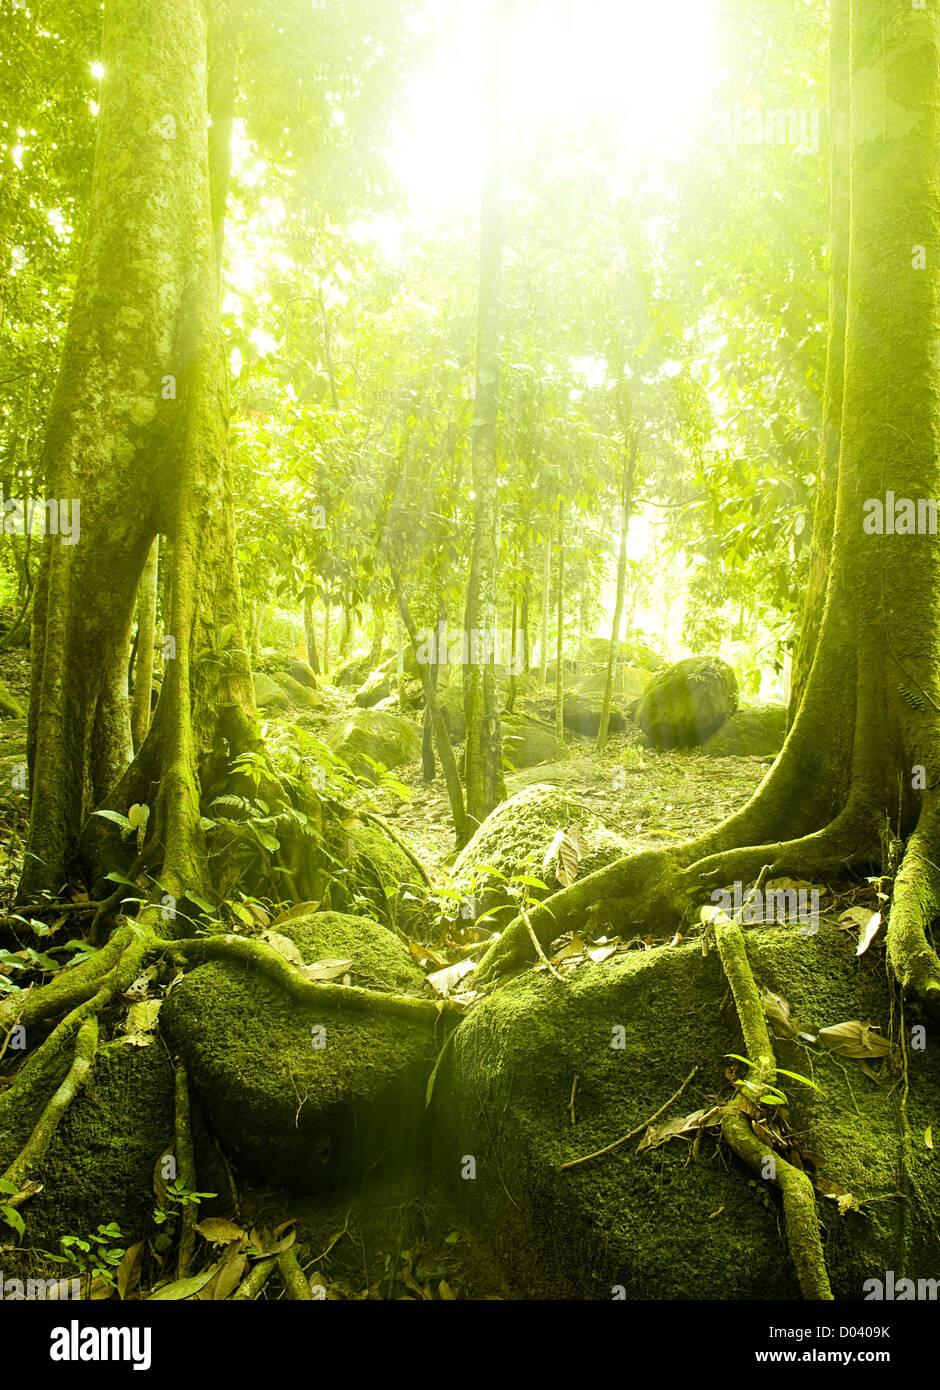 Grünen Wald mit Lichtstrahl Stockfoto